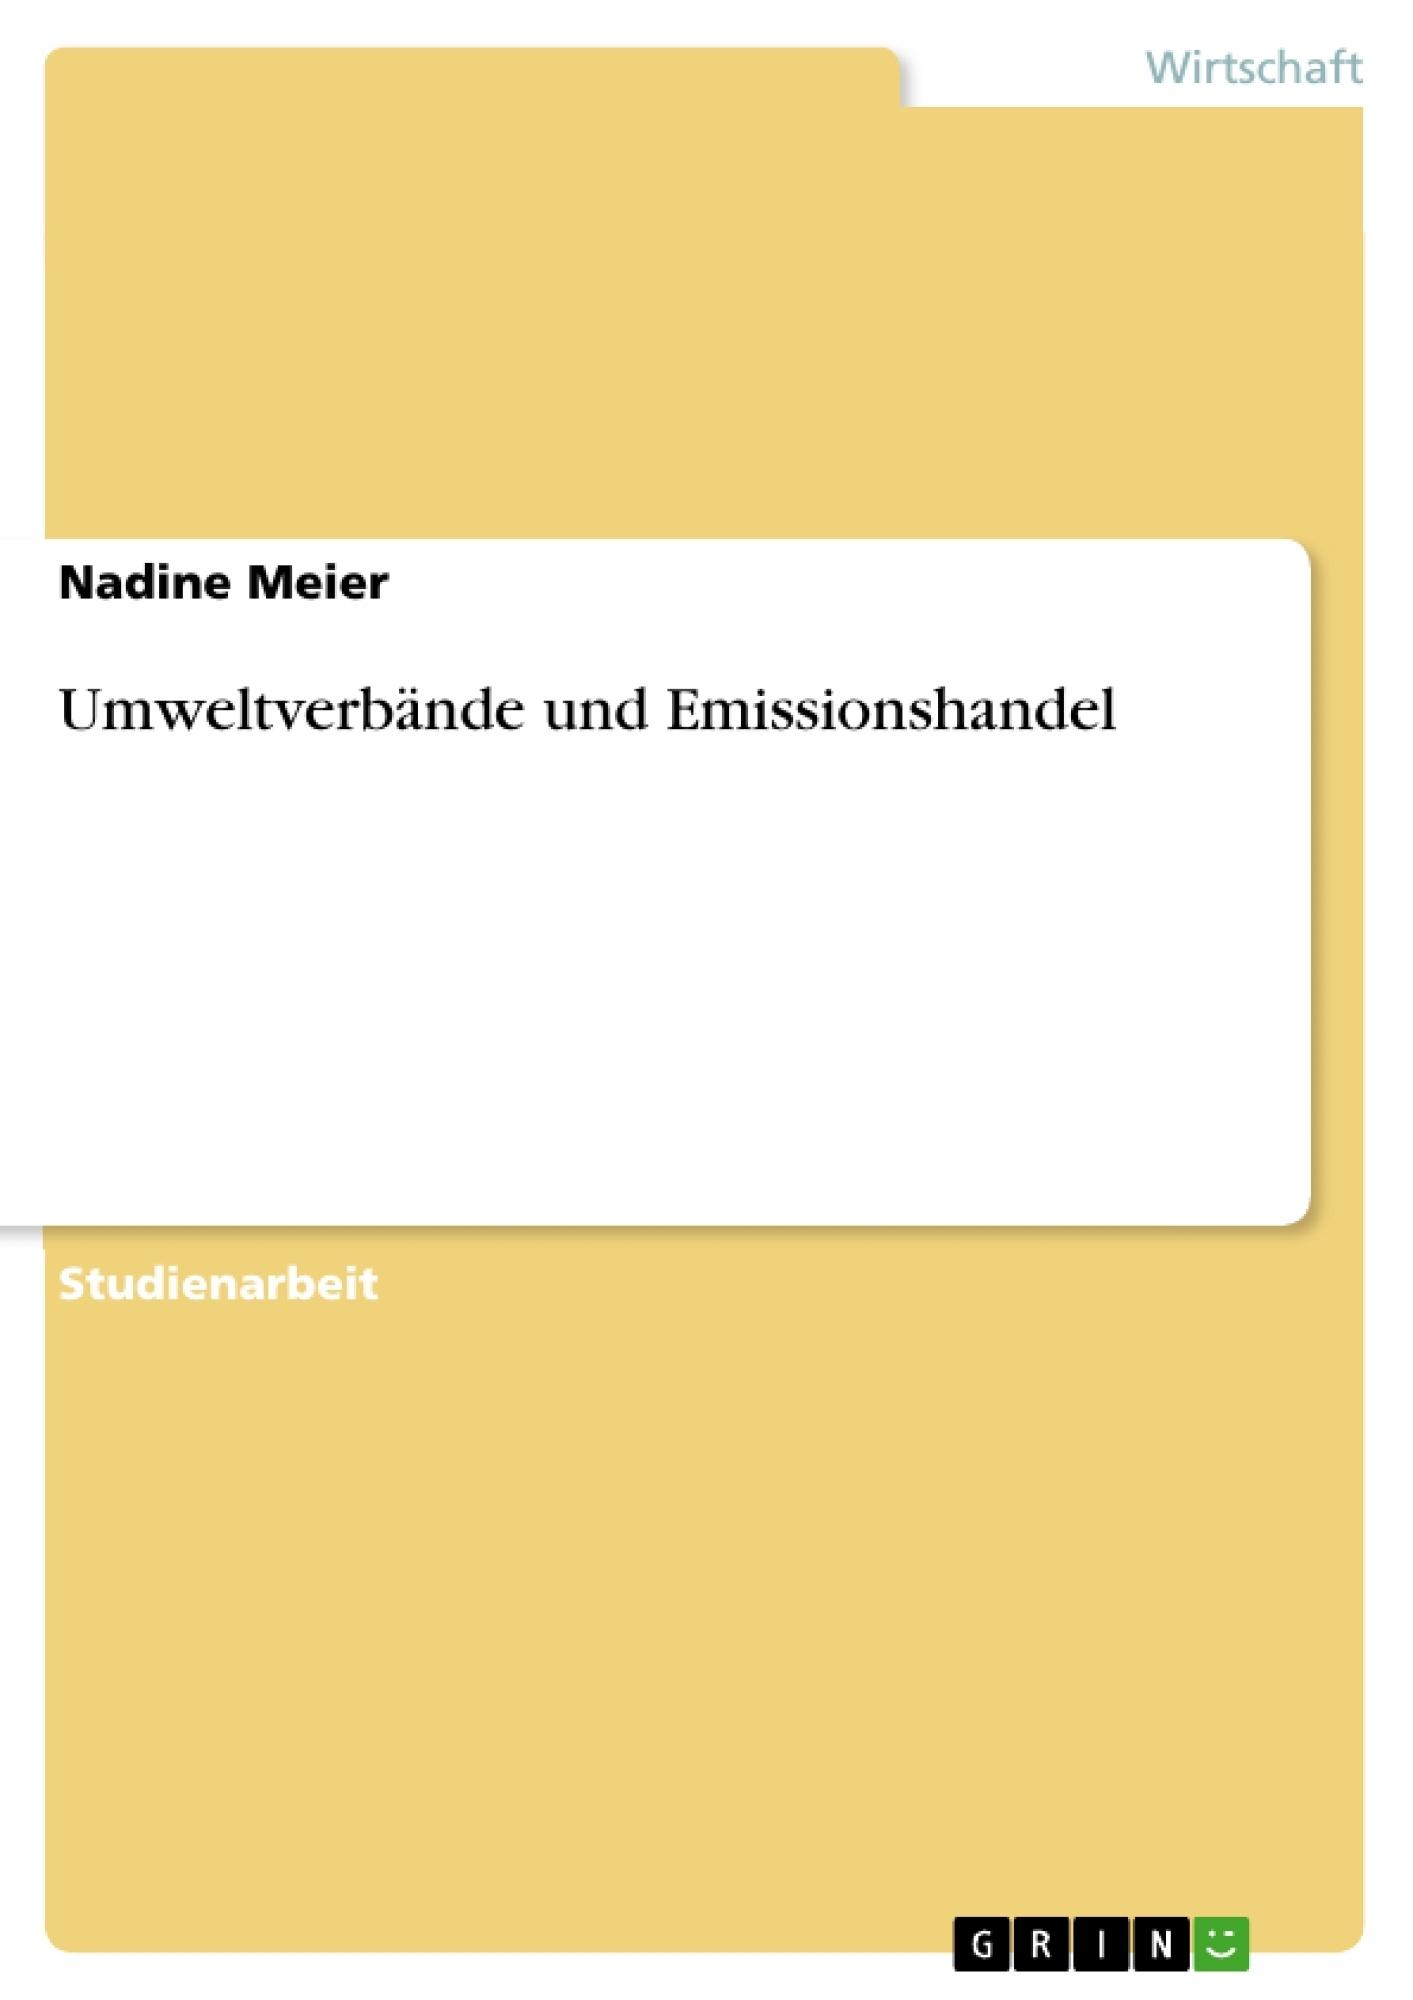 Titel: Umweltverbände und Emissionshandel